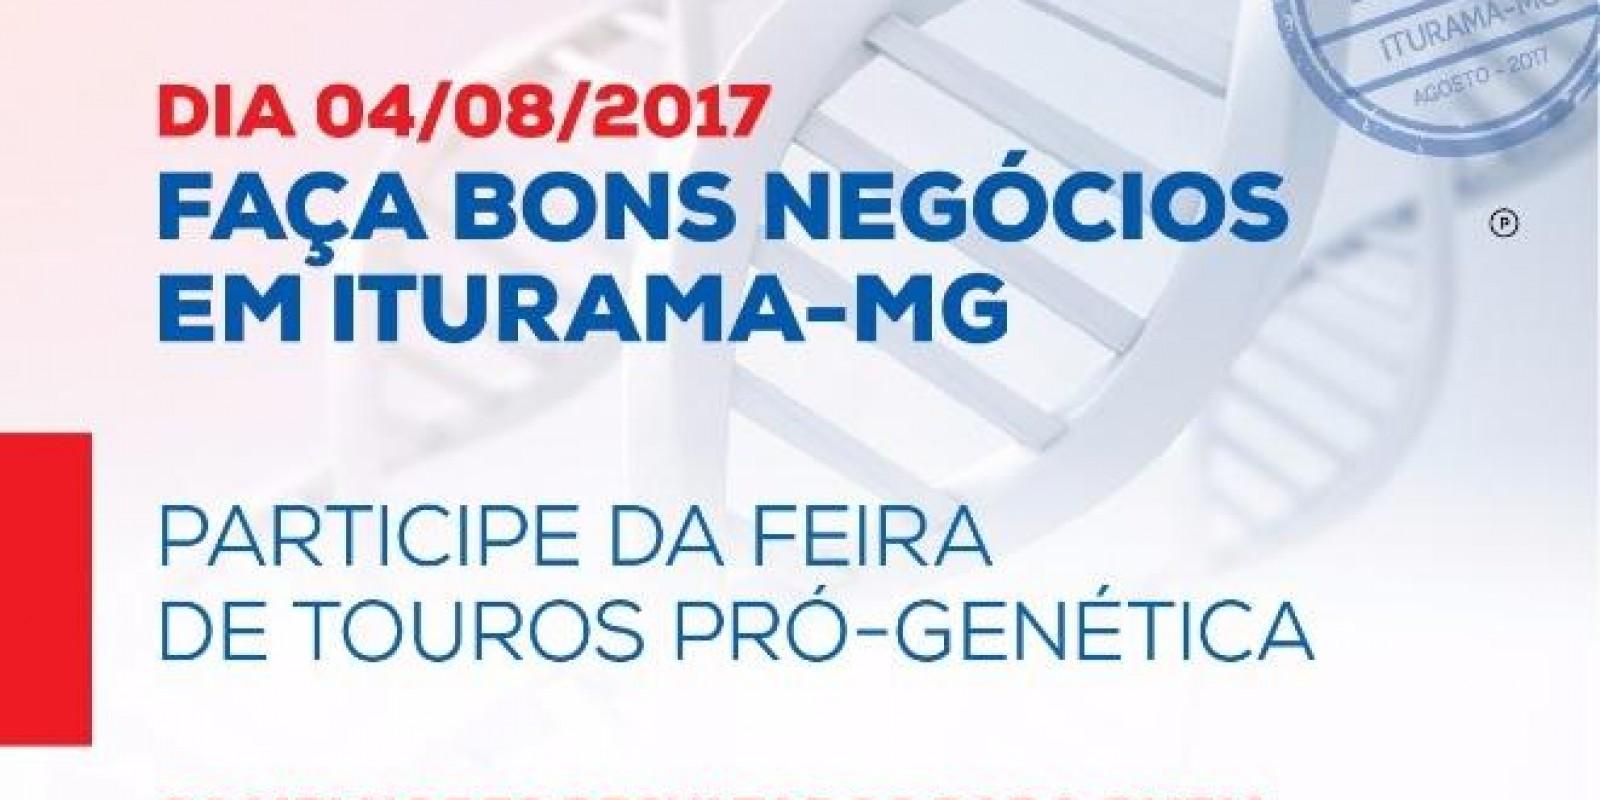 Sindicato dos Produtores Rurais de Iturama realiza no dia 04 de agosto de 2017, a Feira Pró-Genética, no Parque de Exposições Edilson Lamartine Mendes